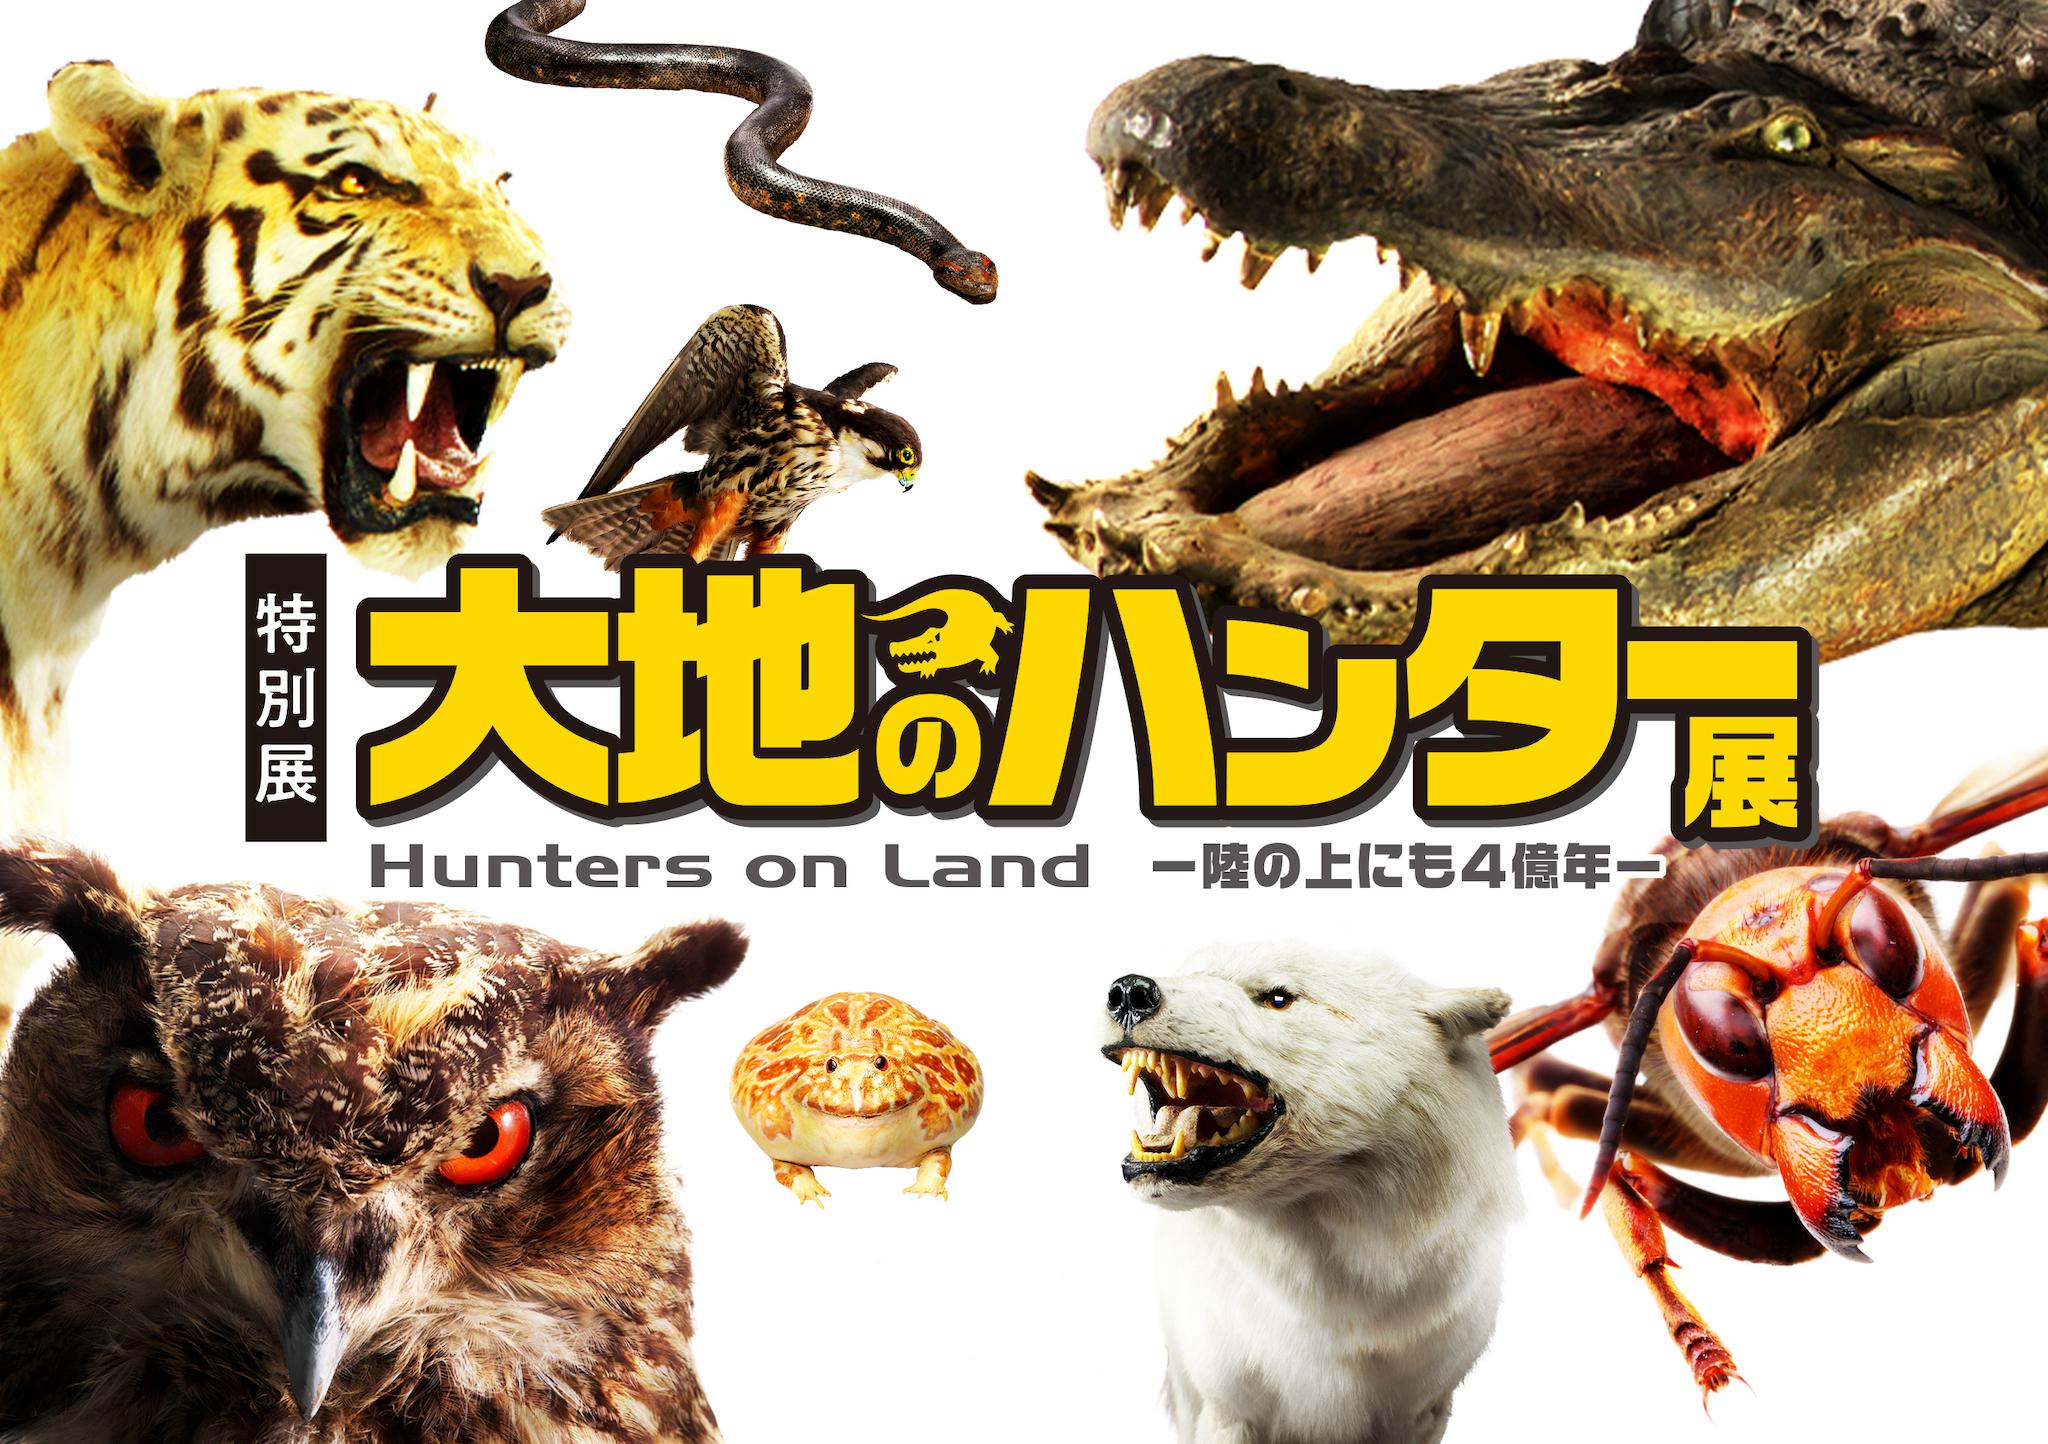 特別展『大地のハンター展 〜陸の上にも4億年〜』